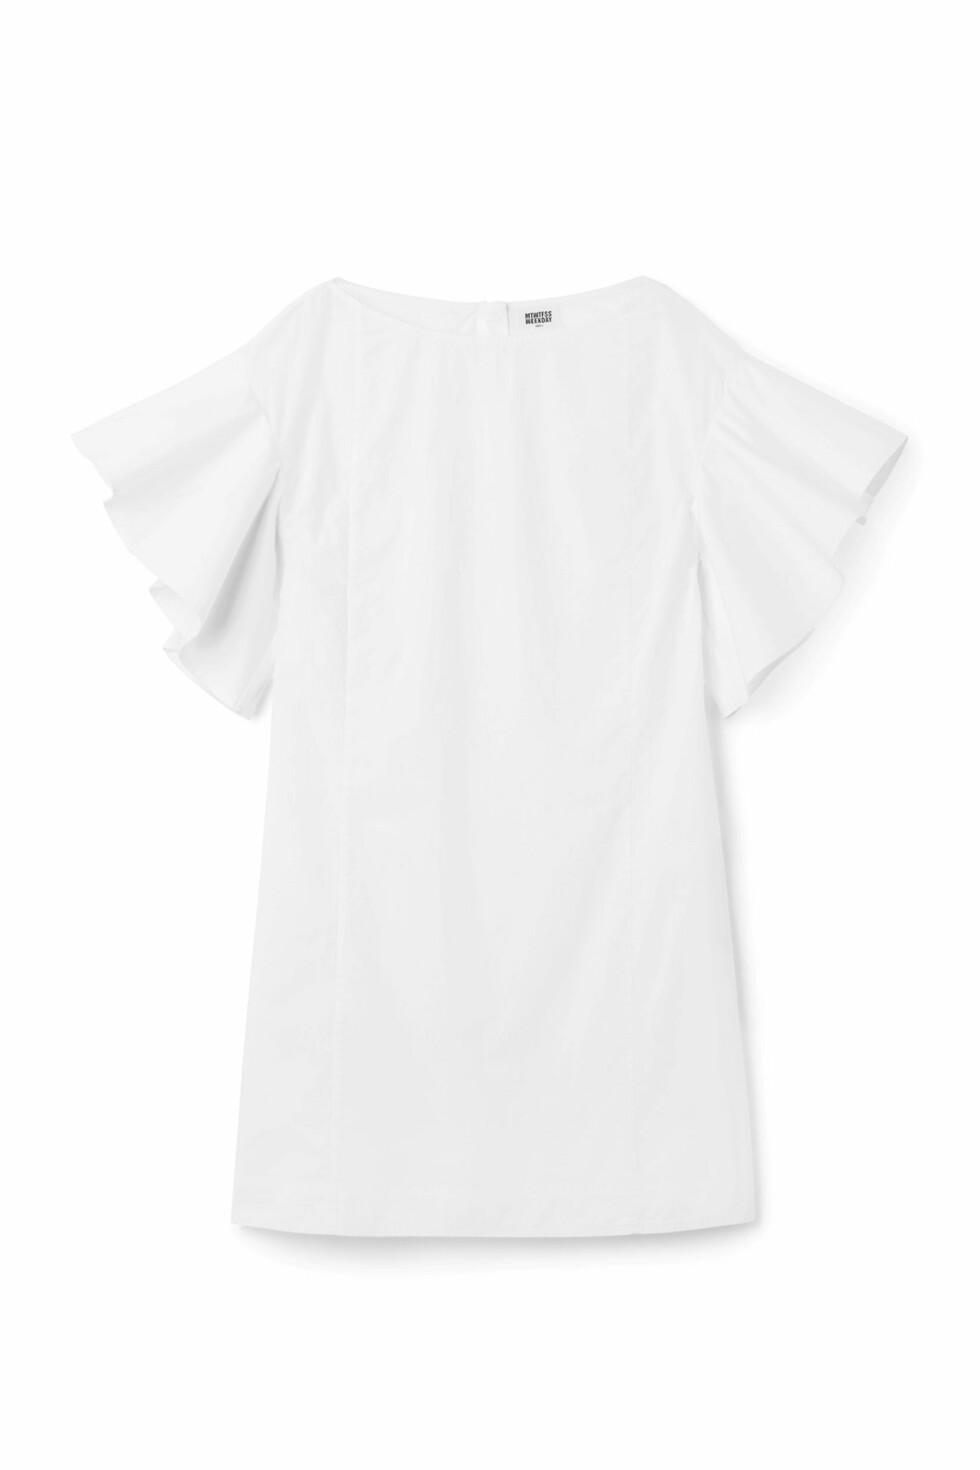 Kjole fra Weekday | kr 600 | http://shop.weekday.com/se/Womens_shop/Dresses_Jumpsuits/Fiona_Dress/542434-13942915.1#c-49930